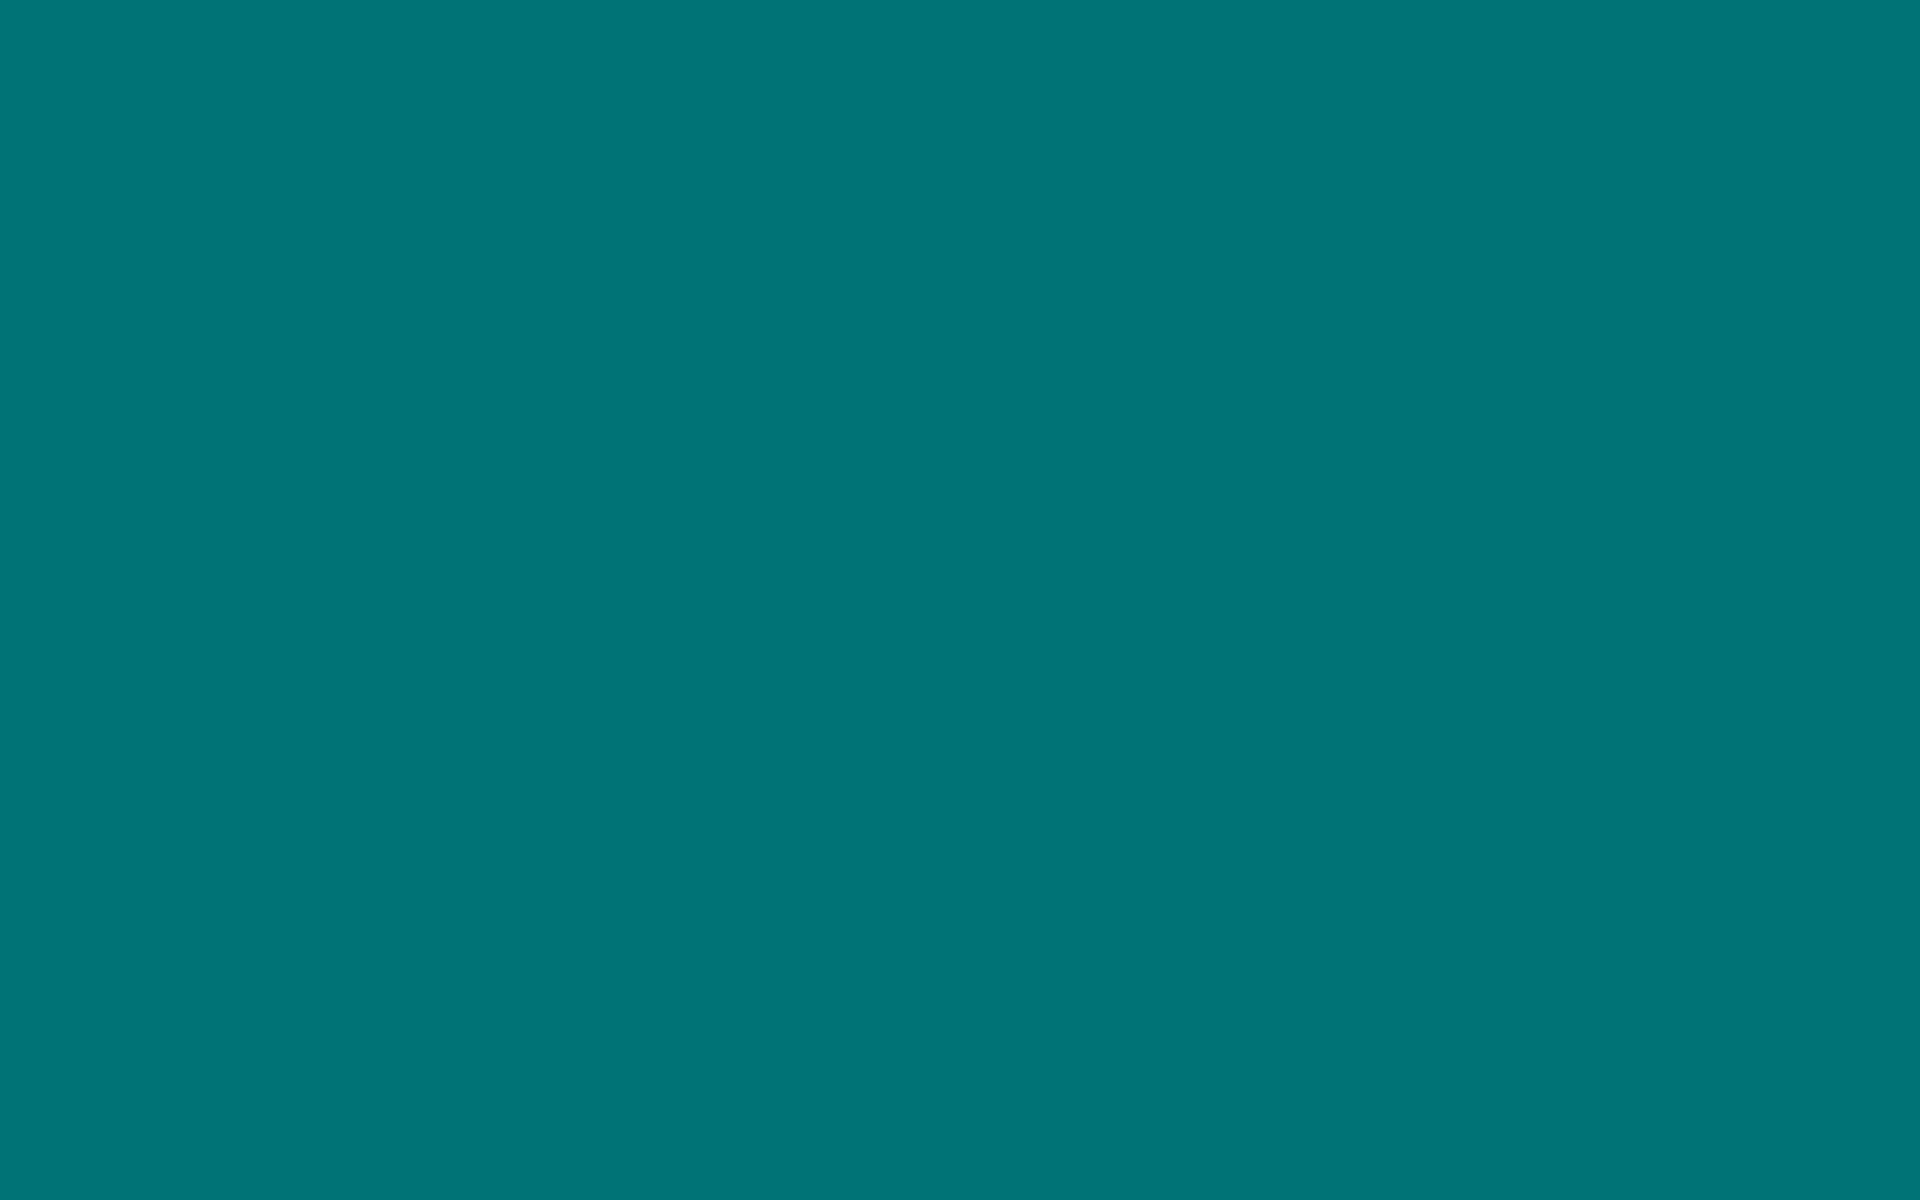 1920x1200 Skobeloff Solid Color Background